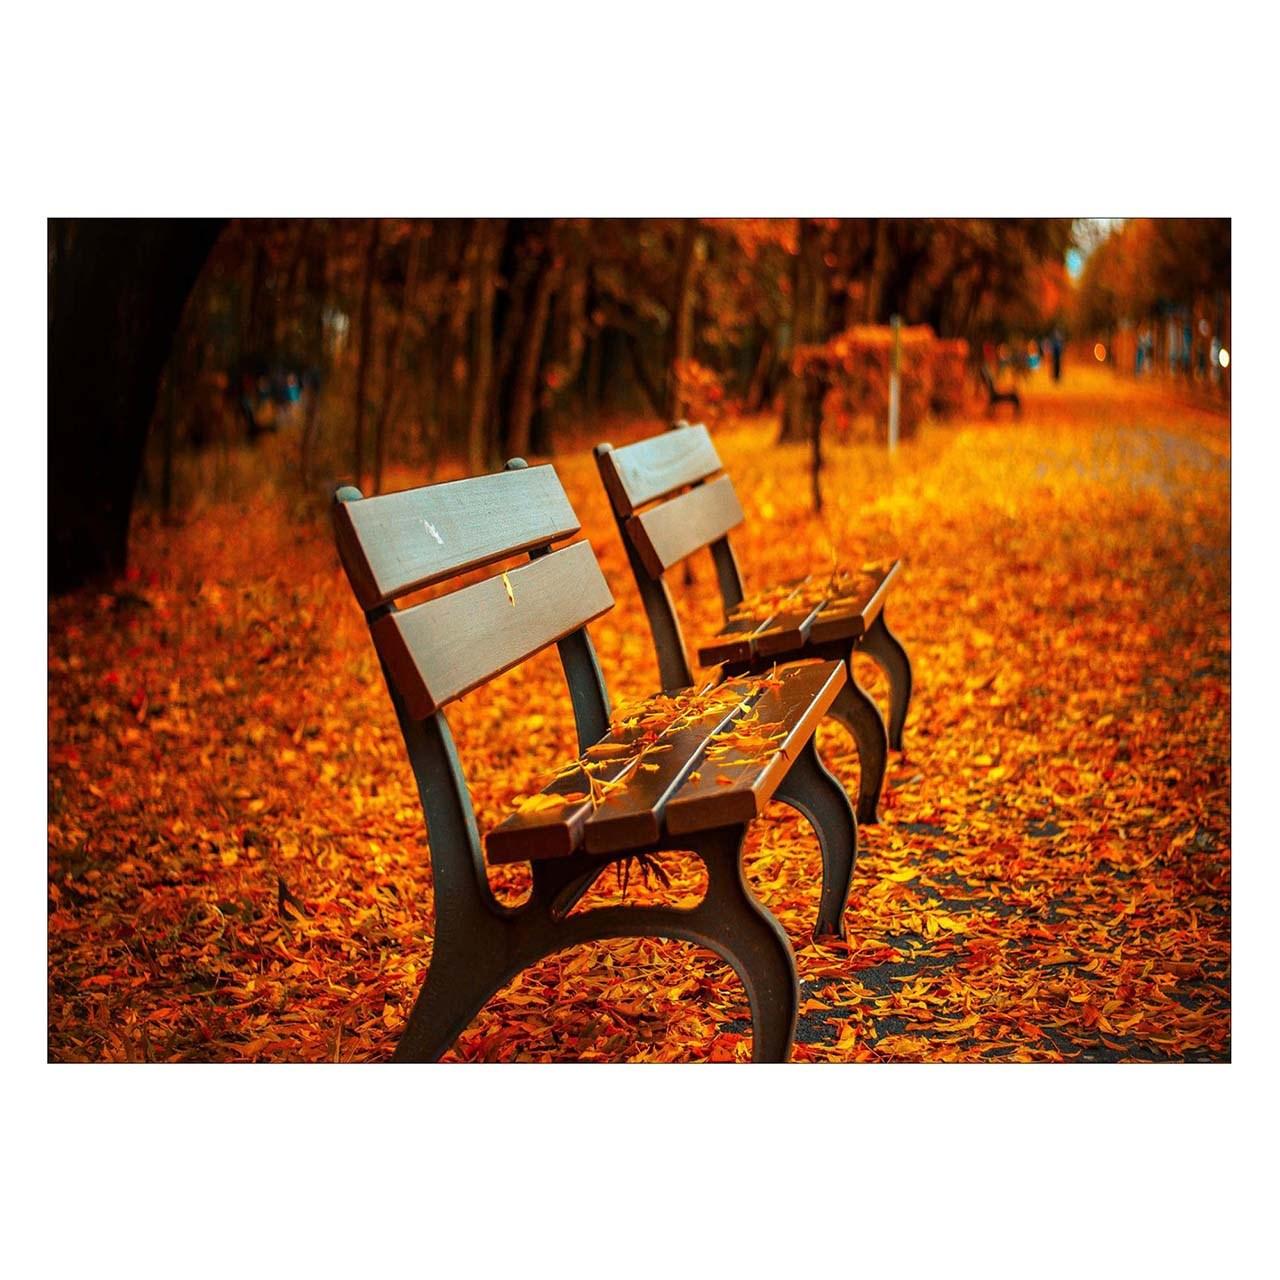 تابلو شاسی ونسونی طرح Lonely Bench in Autumn  سایز 30x40 سانتی متر